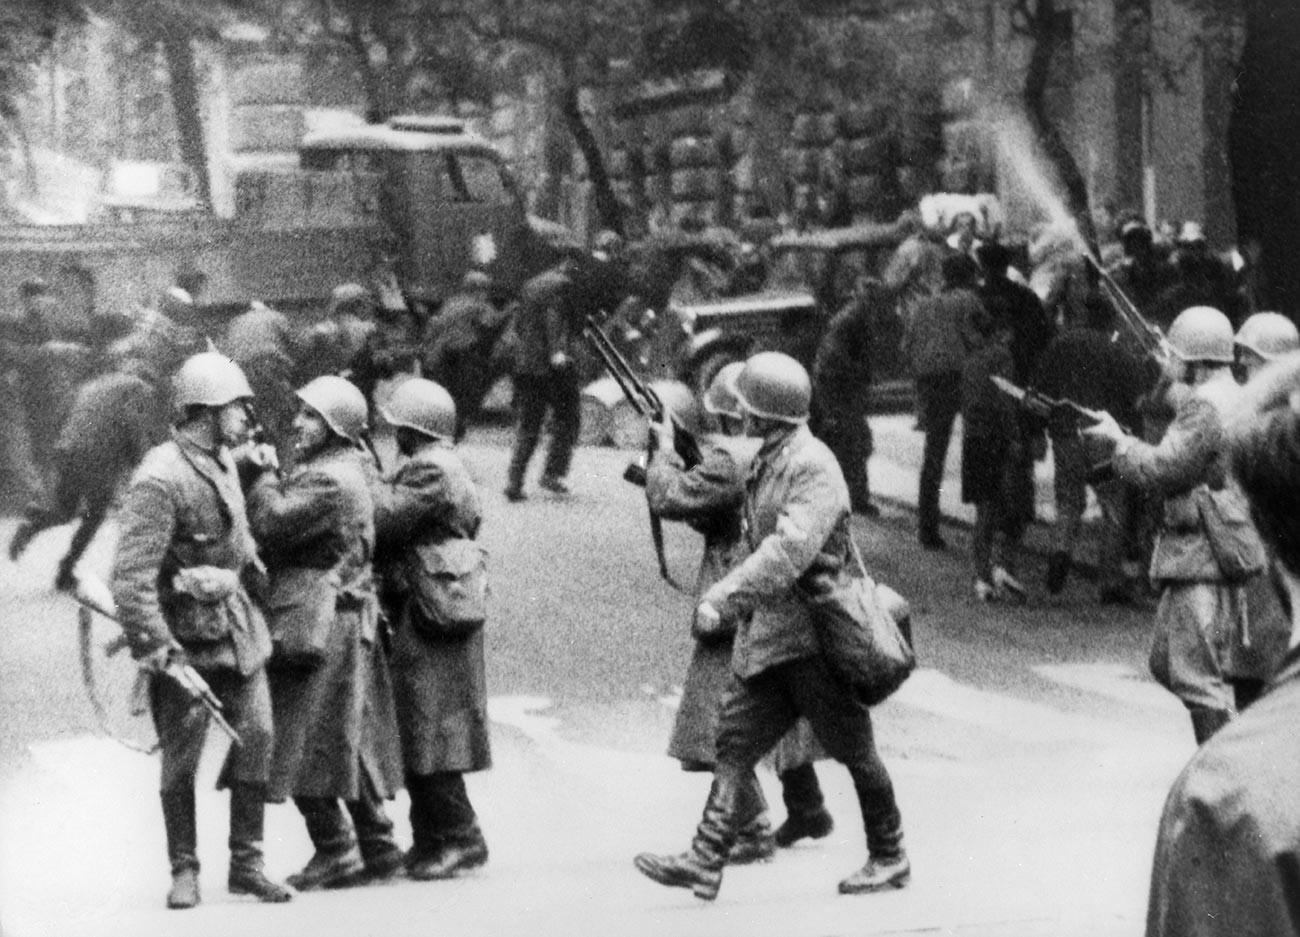 Truppen der Organisation des Warschauer Vertrags in Prag, 1968.